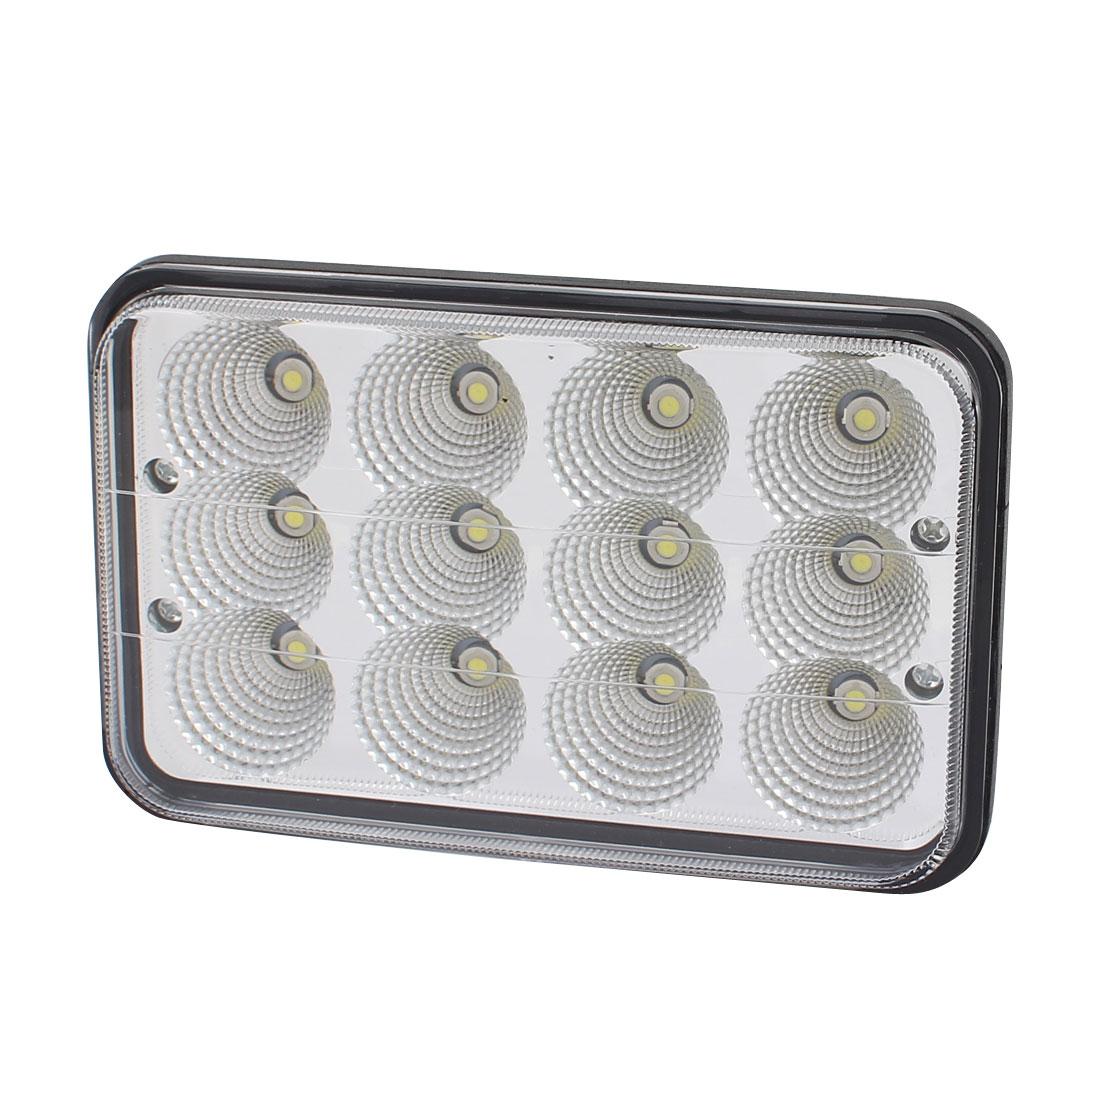 36W DC 10V-30V 12 LED Bulb Spotlight Working Lamp for Truck Car Lighting